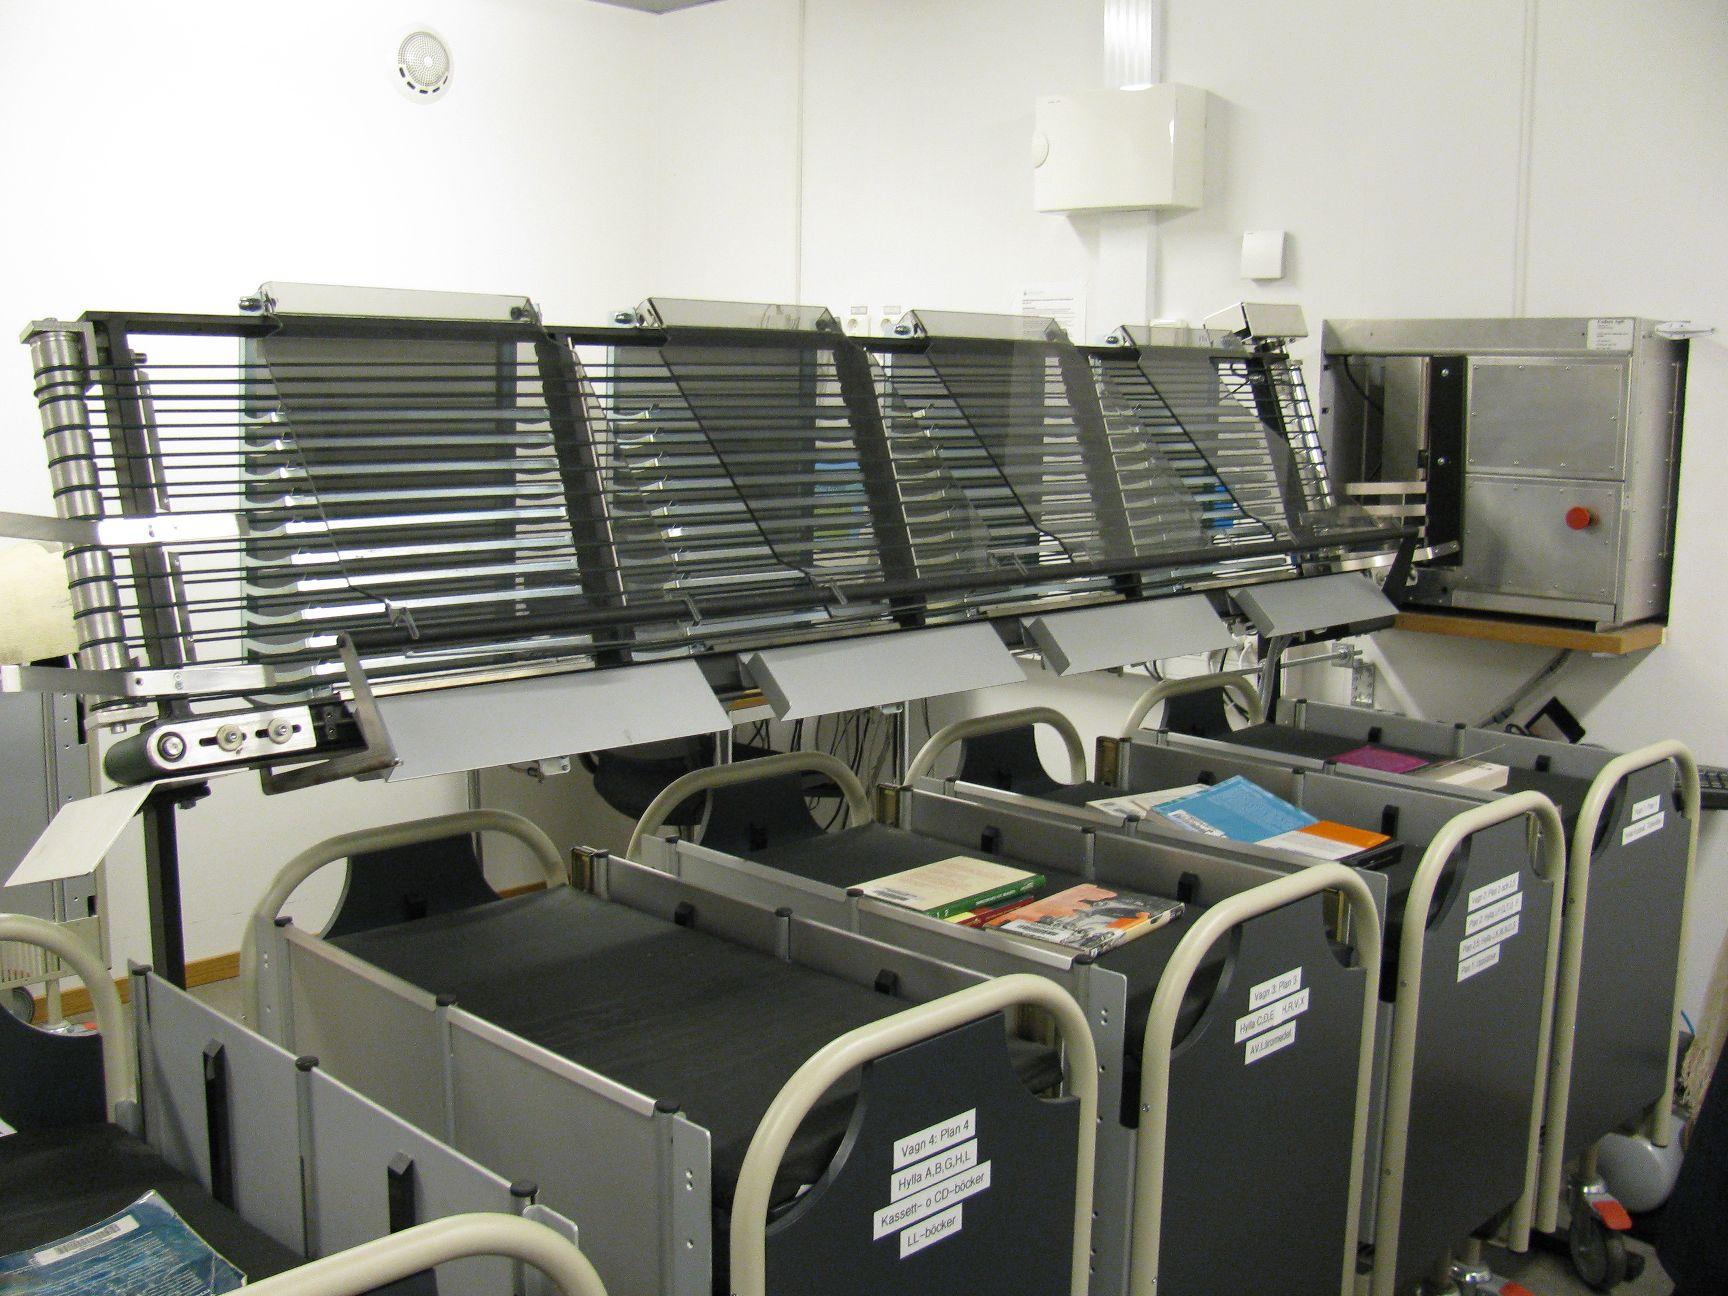 Stroj na roztřiďování knih u vracení (Univerzitní knihovna Borås)